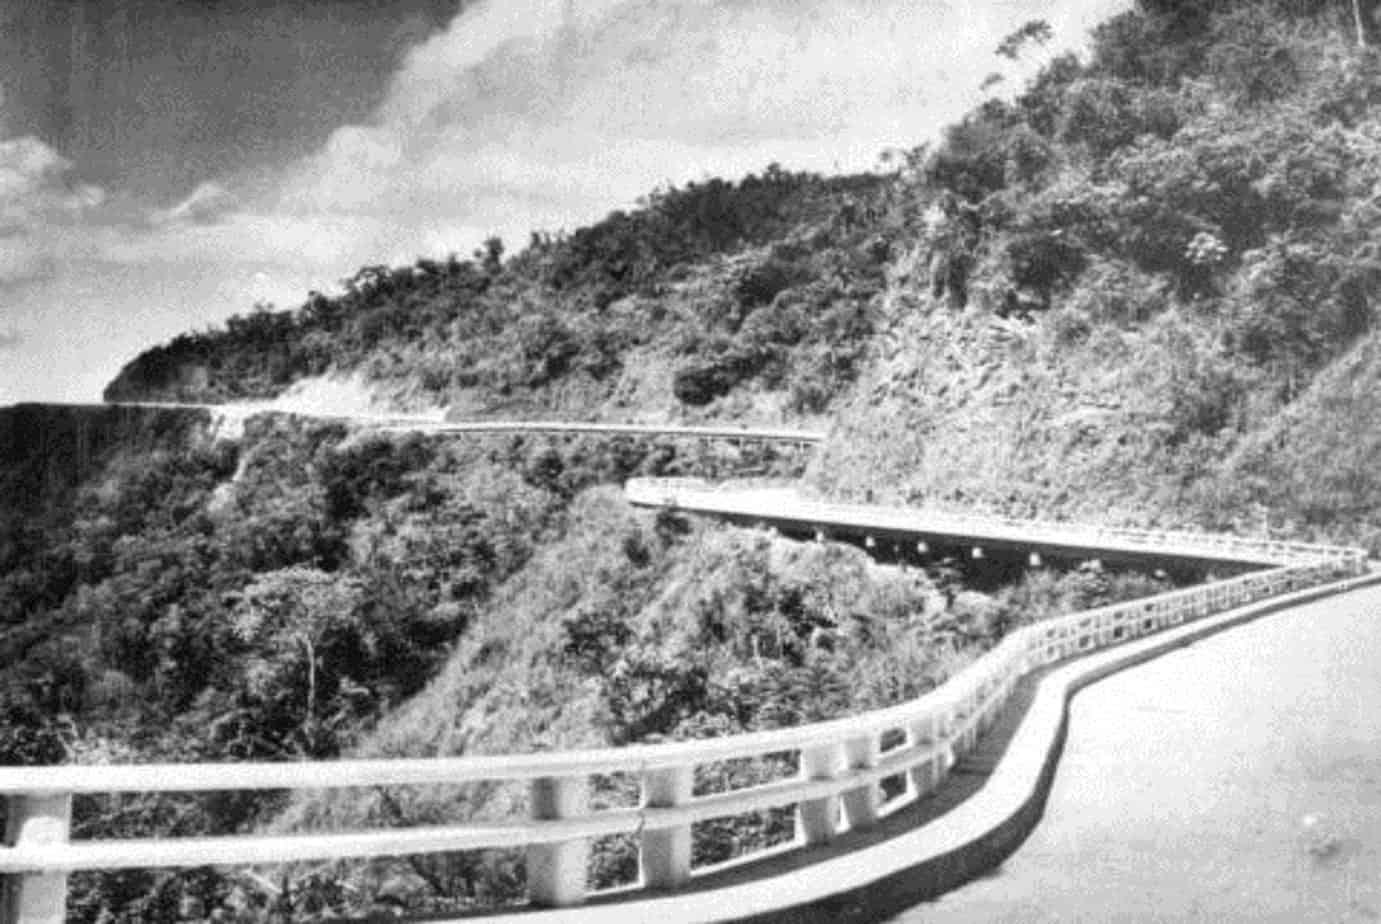 Las 7 Maravillas de la ingeniería civil cubana  Viaducto La Farola ... c8aab79695a